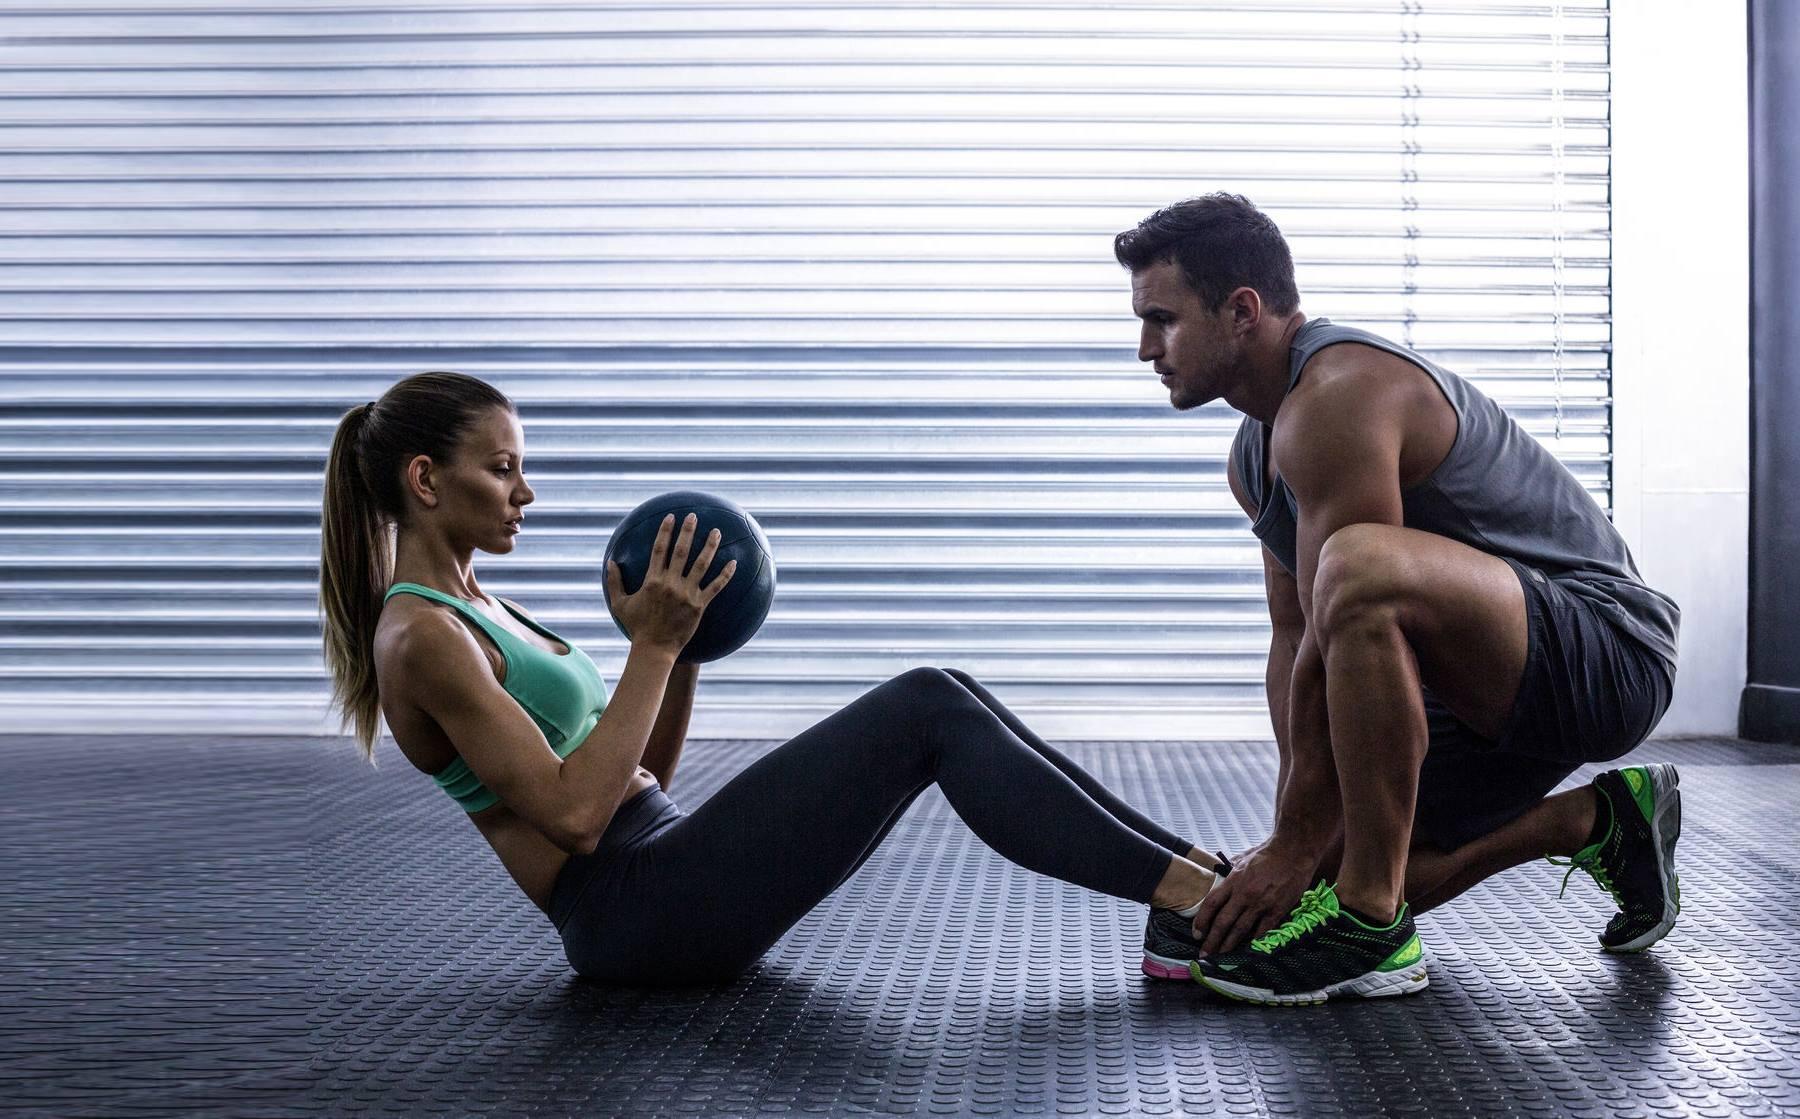 Facilita la búsqueda de un entrenador personal creando un proyecto como Find your trainer